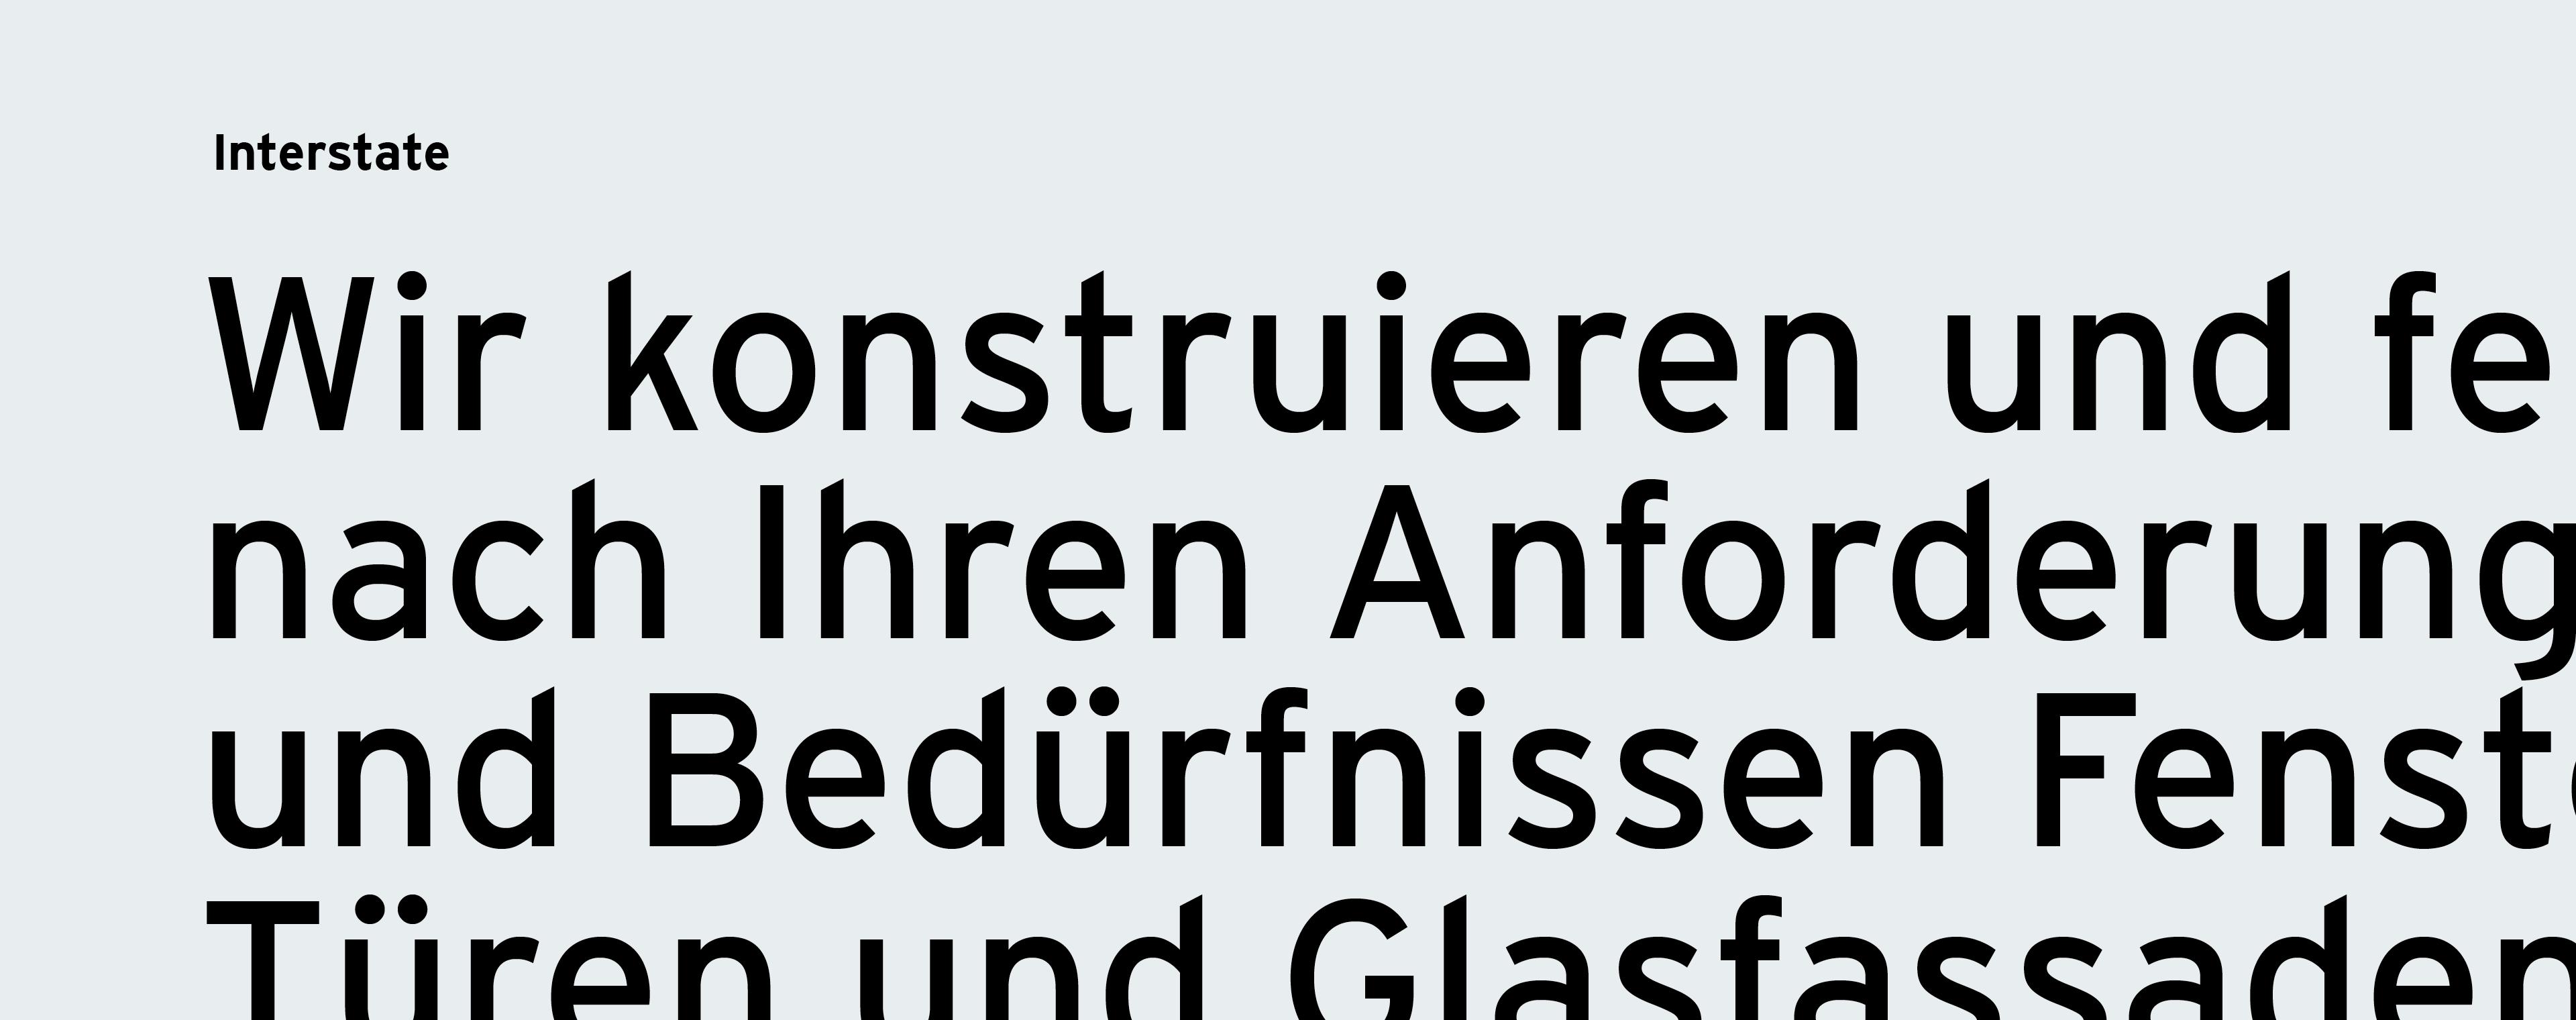 Typografie ist im Grafikdesign und Corporate Design ein wichtiger Faktor für eine ansprechende Gestaltung